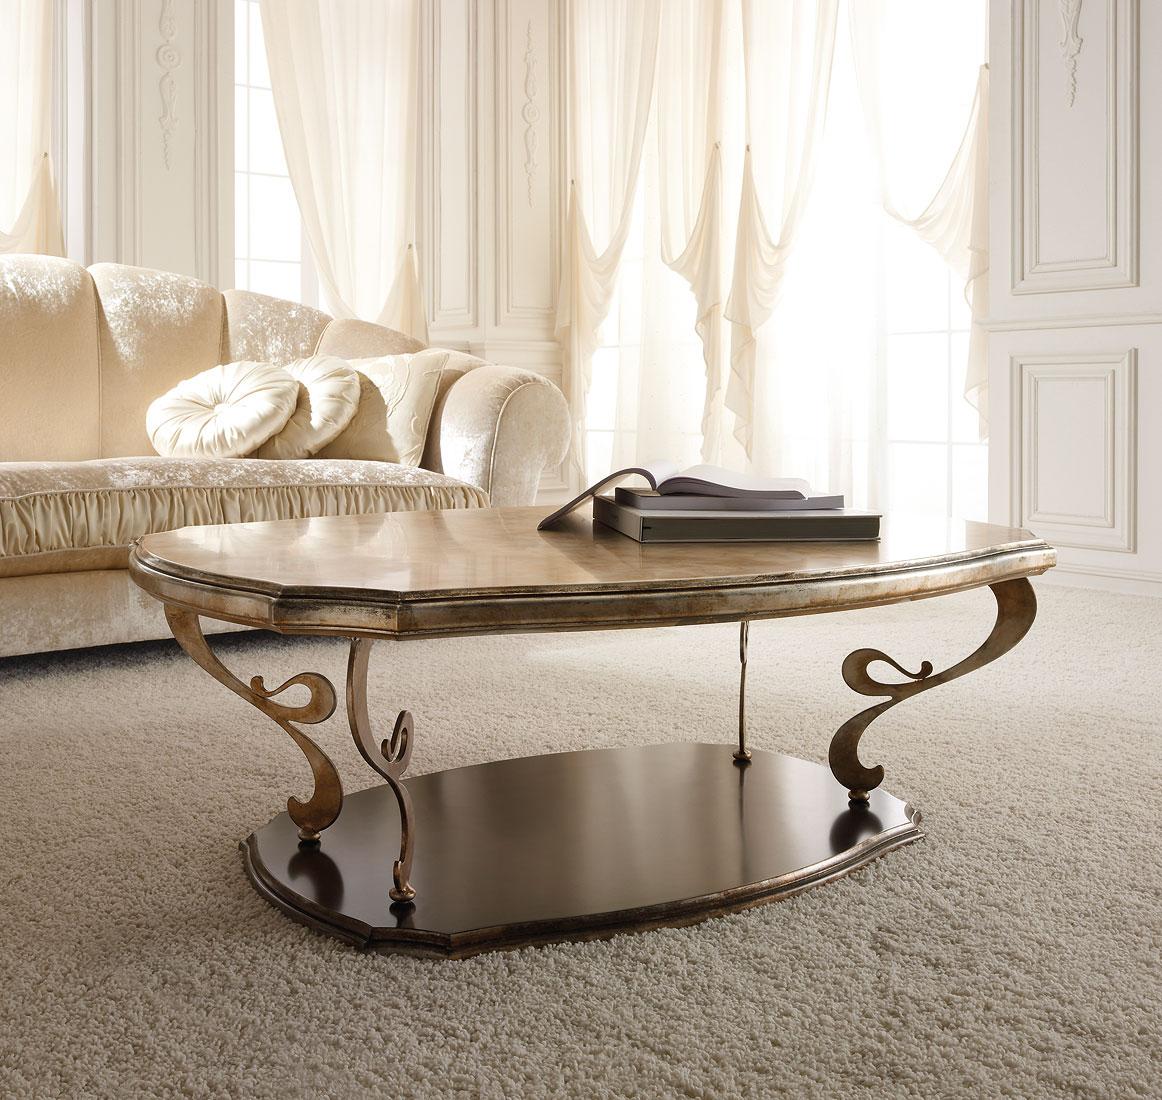 Tavoli e tavolini classici per soggiorni classici, arredamento ...